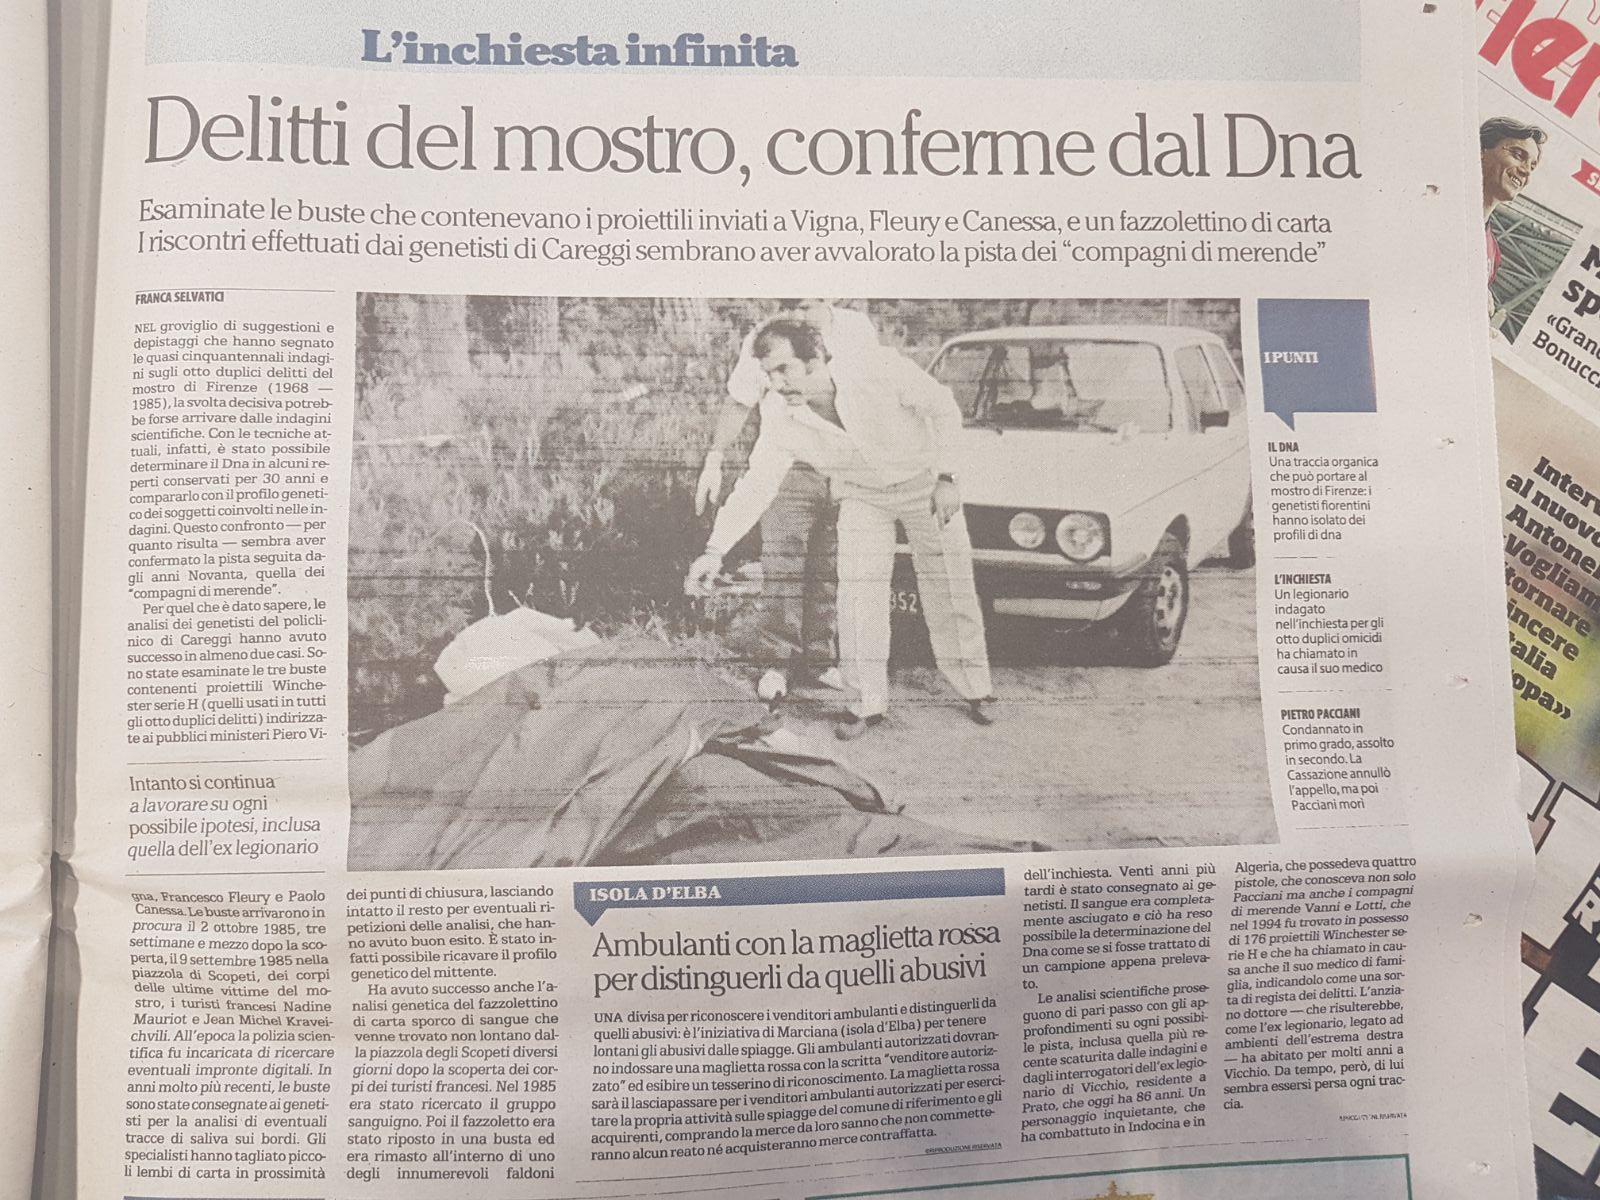 Mostro di Firenze, anche l'ex medico di Vigilanti chiamato in causa